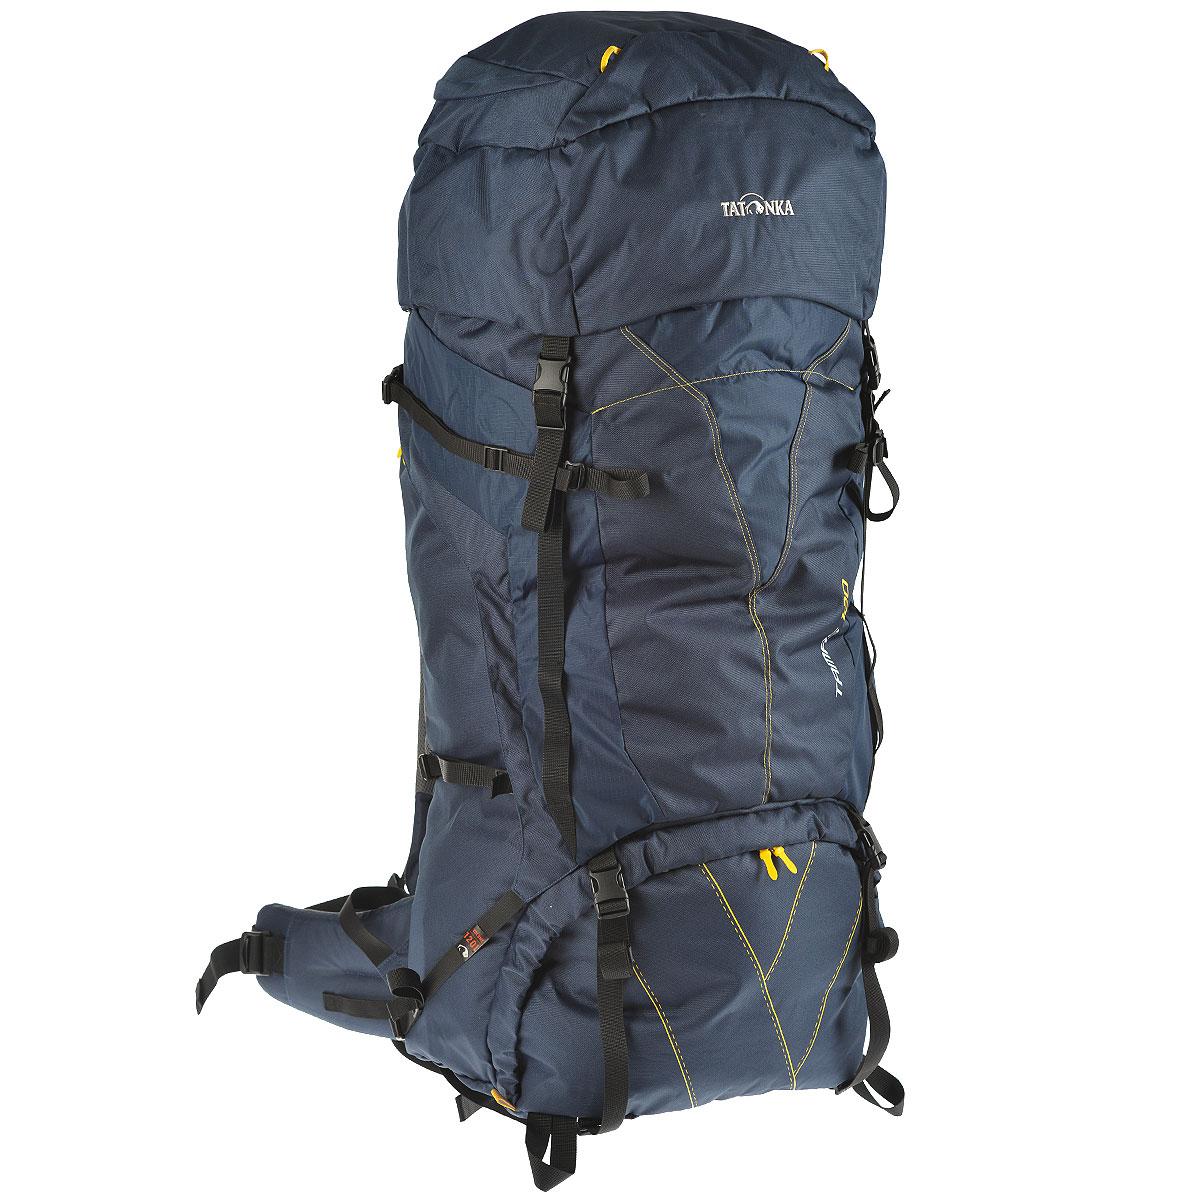 Рюкзак туристический Tatonka Tamas 120, цвет: темно-синий, 120 л6028.004Вместительный рюкзак Tatonka Tamas 120 - это отличный выбор для походов на байдарках - алюминиевые шины легко вытаскиваются из спины рюкзака и рюкзак можно компактно сложить и убрать в лодку. Преимущества и особенности Система переноски: Y1 Широкий поясной ремень Лямки регулируются по высоте, длине и плотности прилегания к рюкзаку Крышка рюкзака регулируется по высоте.